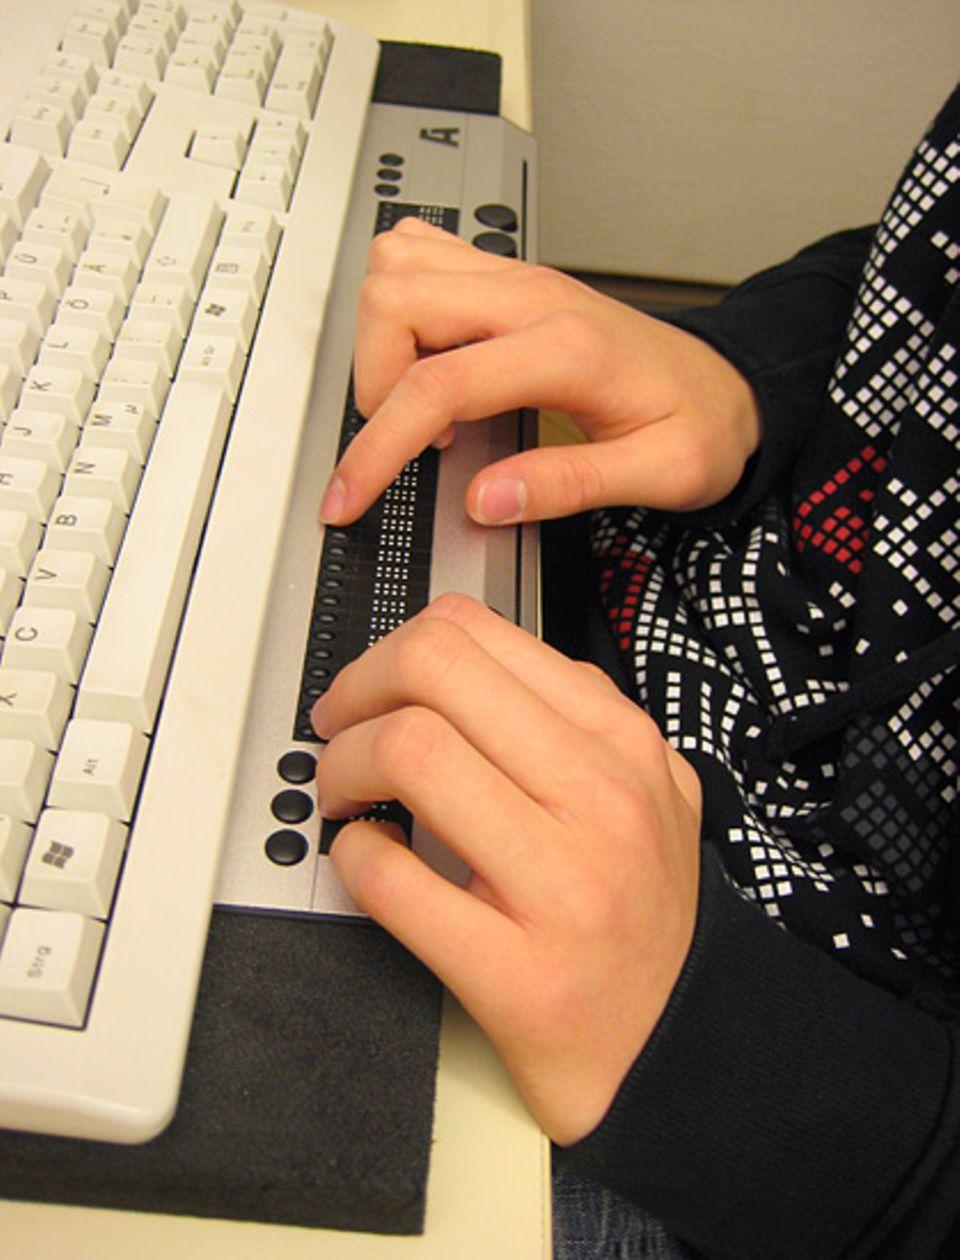 """Lukas' geübte Finger tasten die Braillezeile ab. So kann Lukas allein mit seinem Fingerspitzengefühl """"lesen"""", was der Computer gerade anzeigt."""